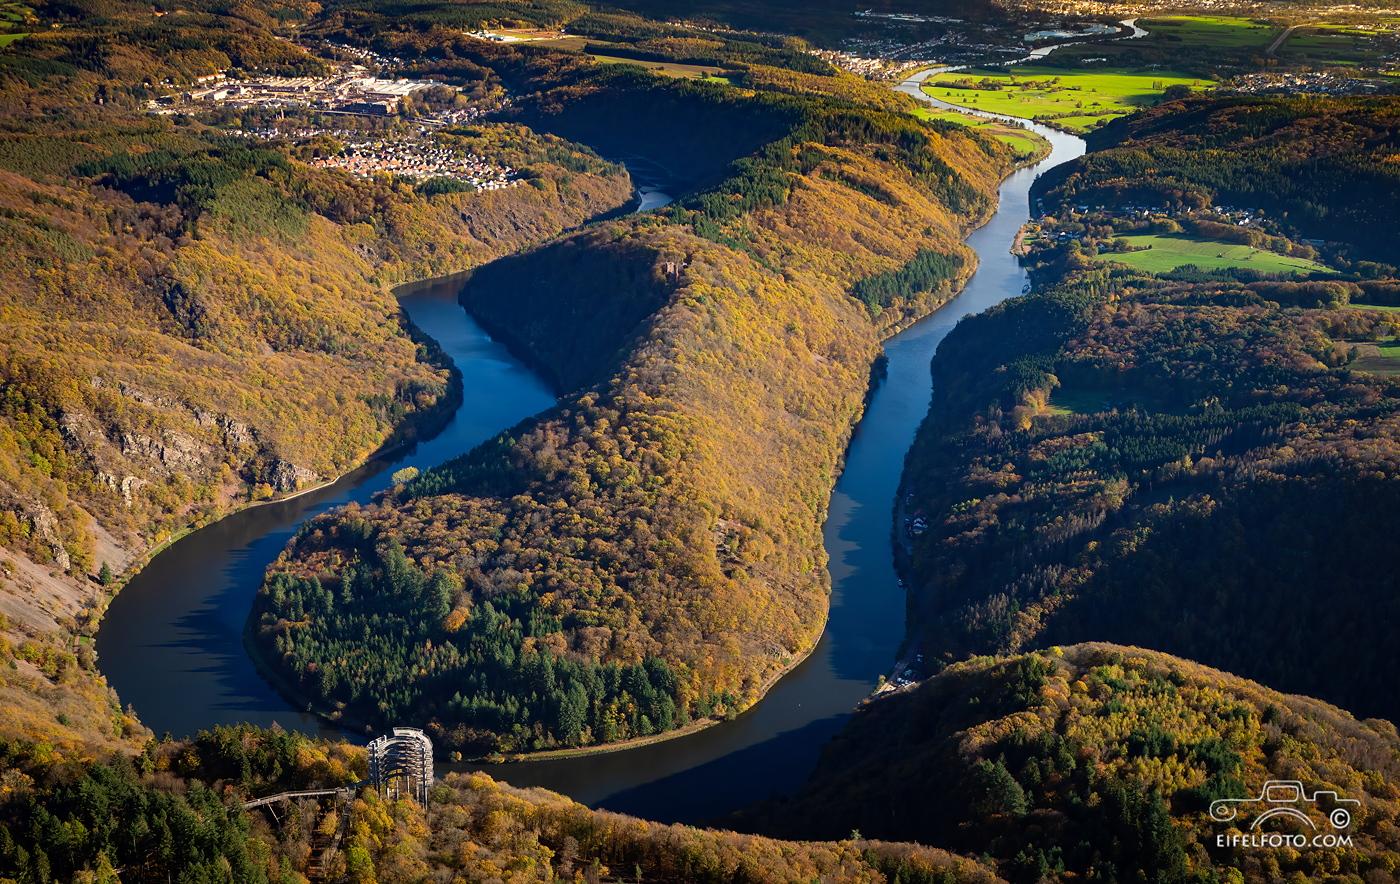 Luftbild: Die Saarschleife mit Mettlach